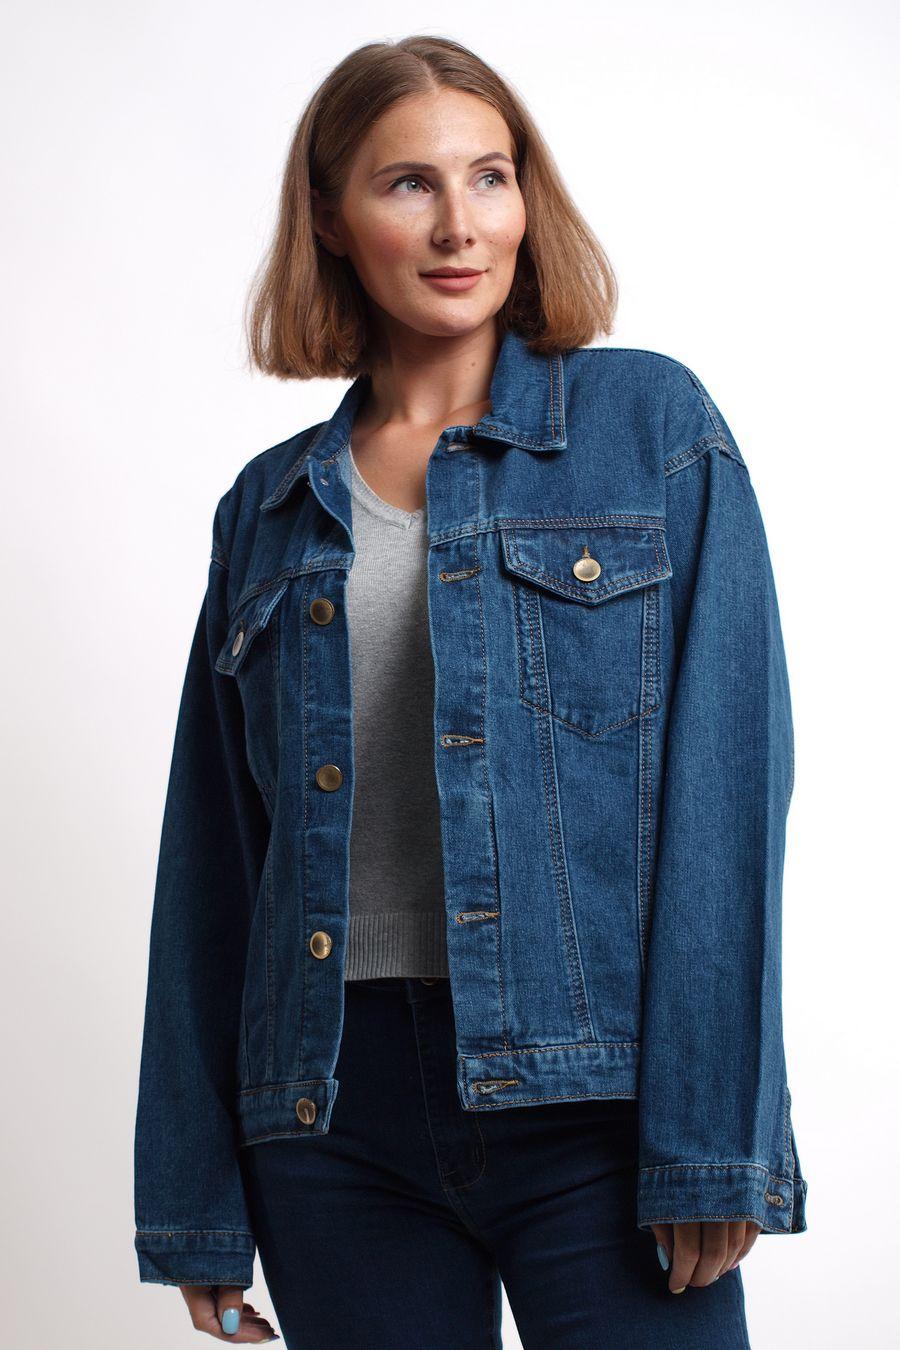 Пиджак женский (джинсовка) K.Y Jeans 292 - фото 4